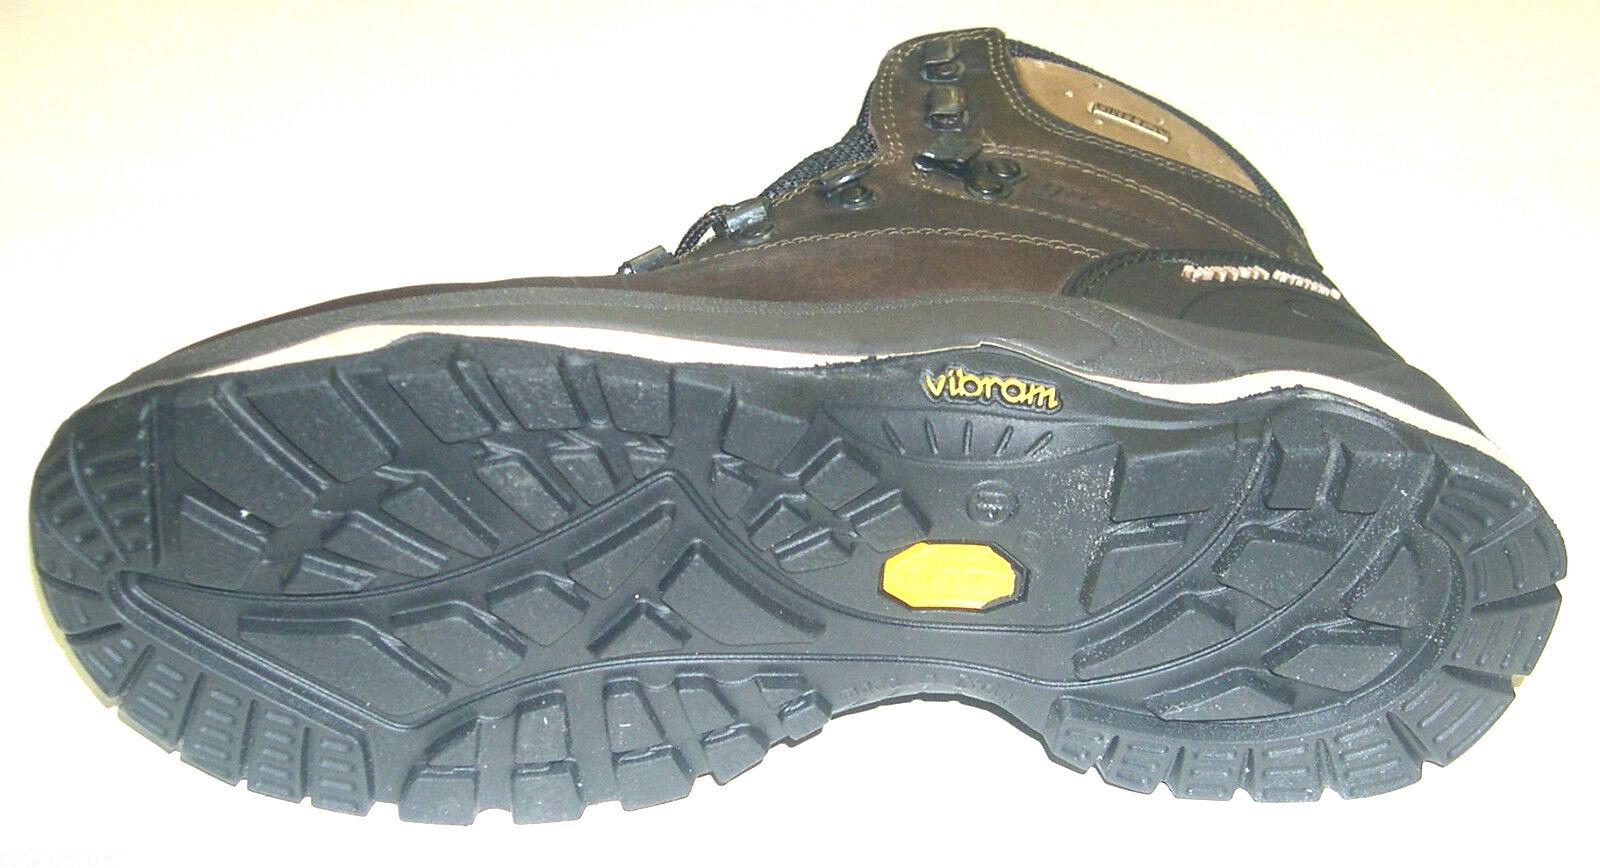 GriSport Herren Schuhe Dakar Outdoor 11205 Wanderschuh Trekking Boot Art 11205 Outdoor braun 9416bb